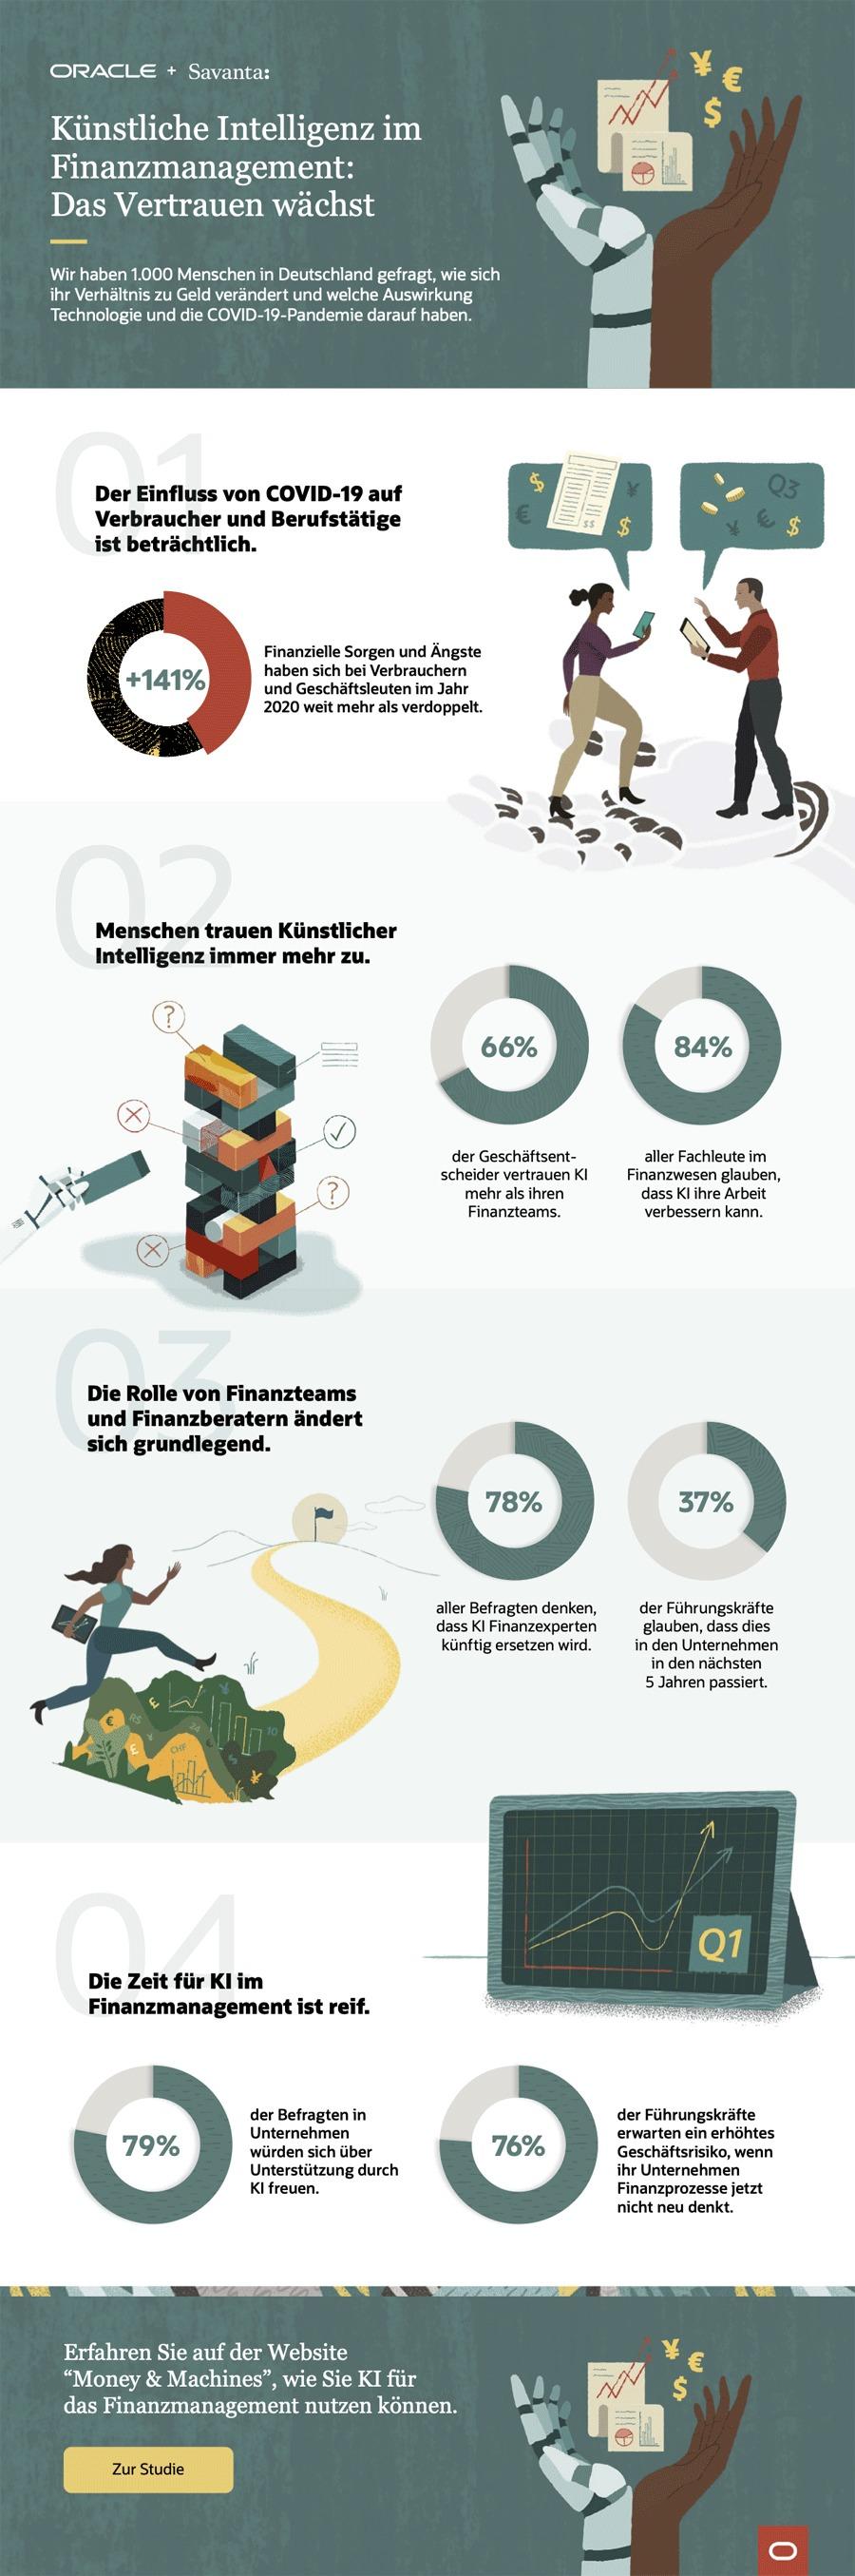 Infografik: Das Vertrauen in Roboter und Menschen bei der Geldanlage